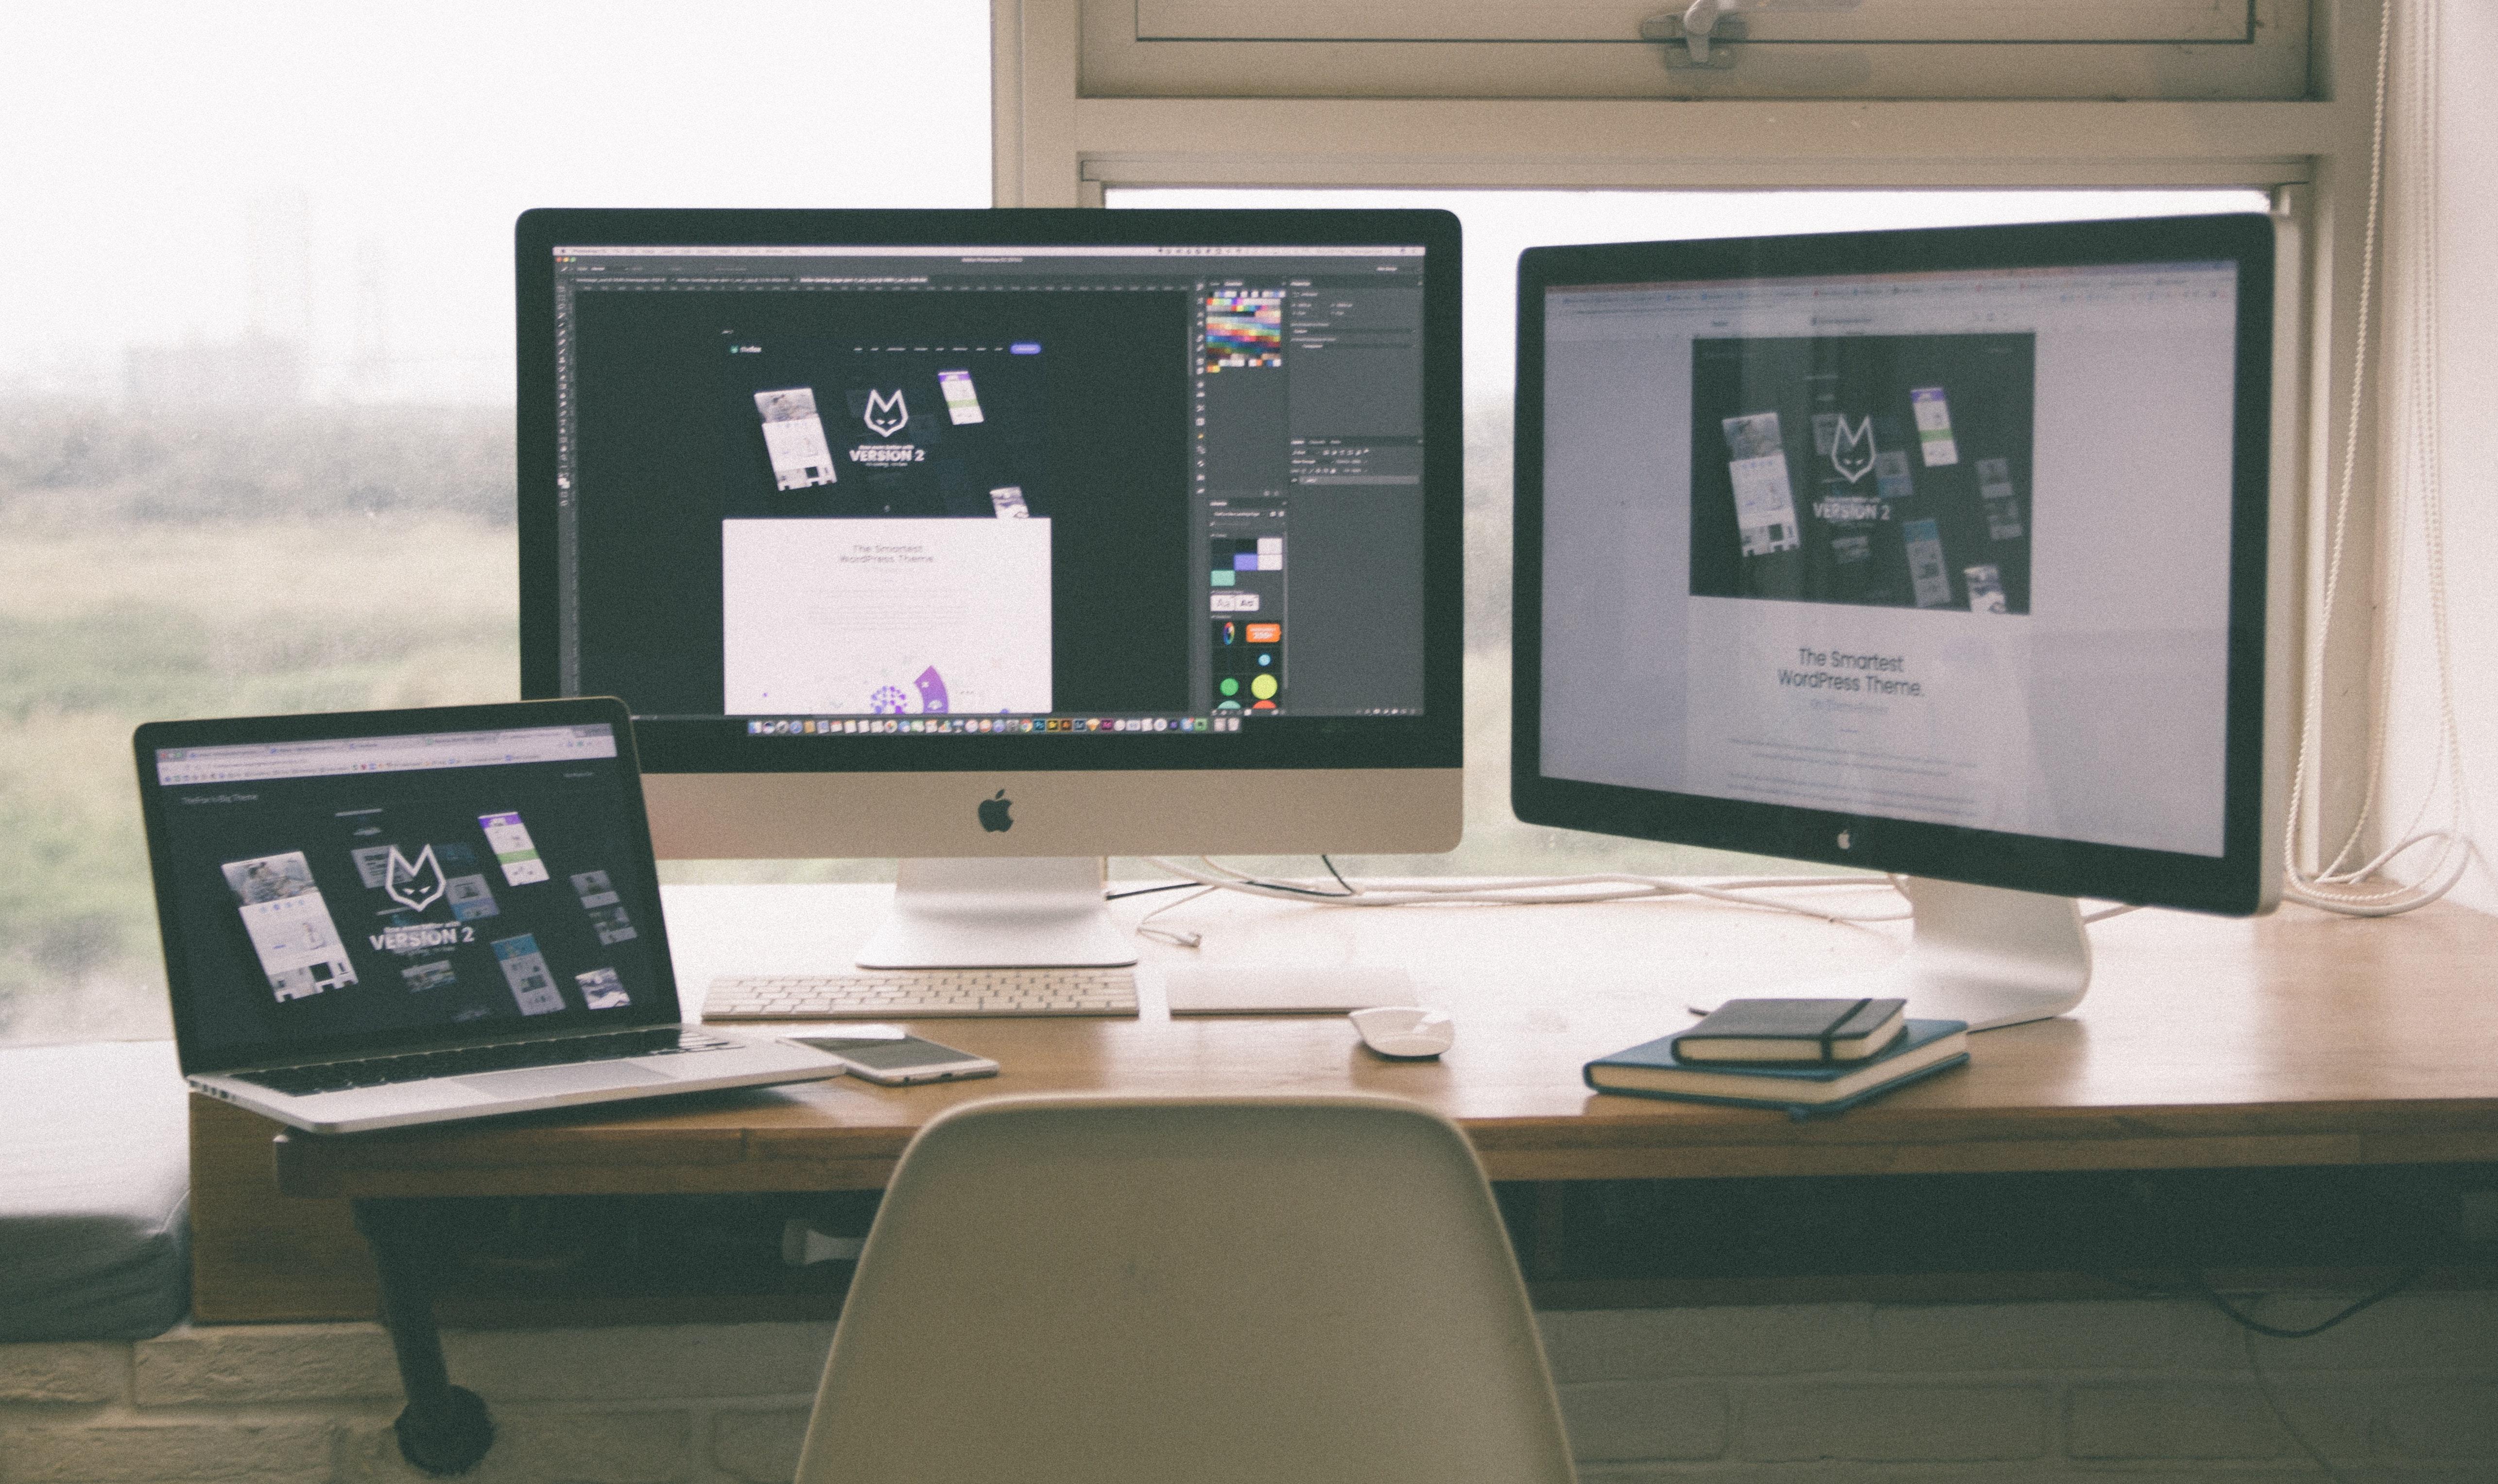 Hirdetés, megjelenés, stratégia | Cég & Brand